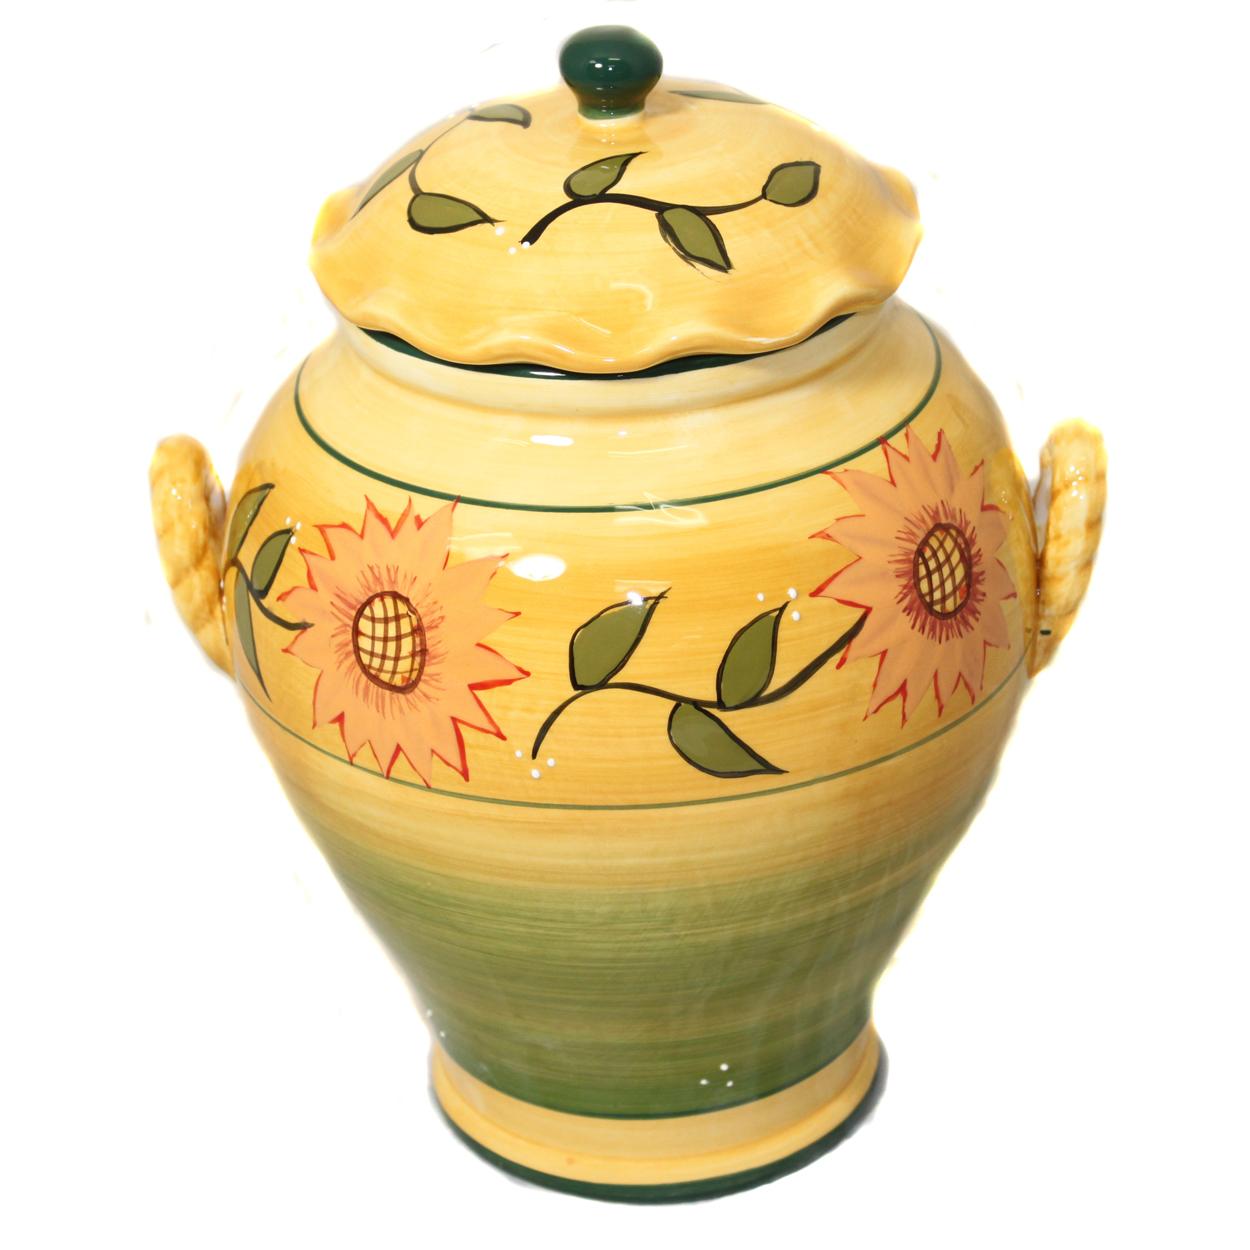 ecworld Sunflower Garden Hand-Painted Cookie Jar